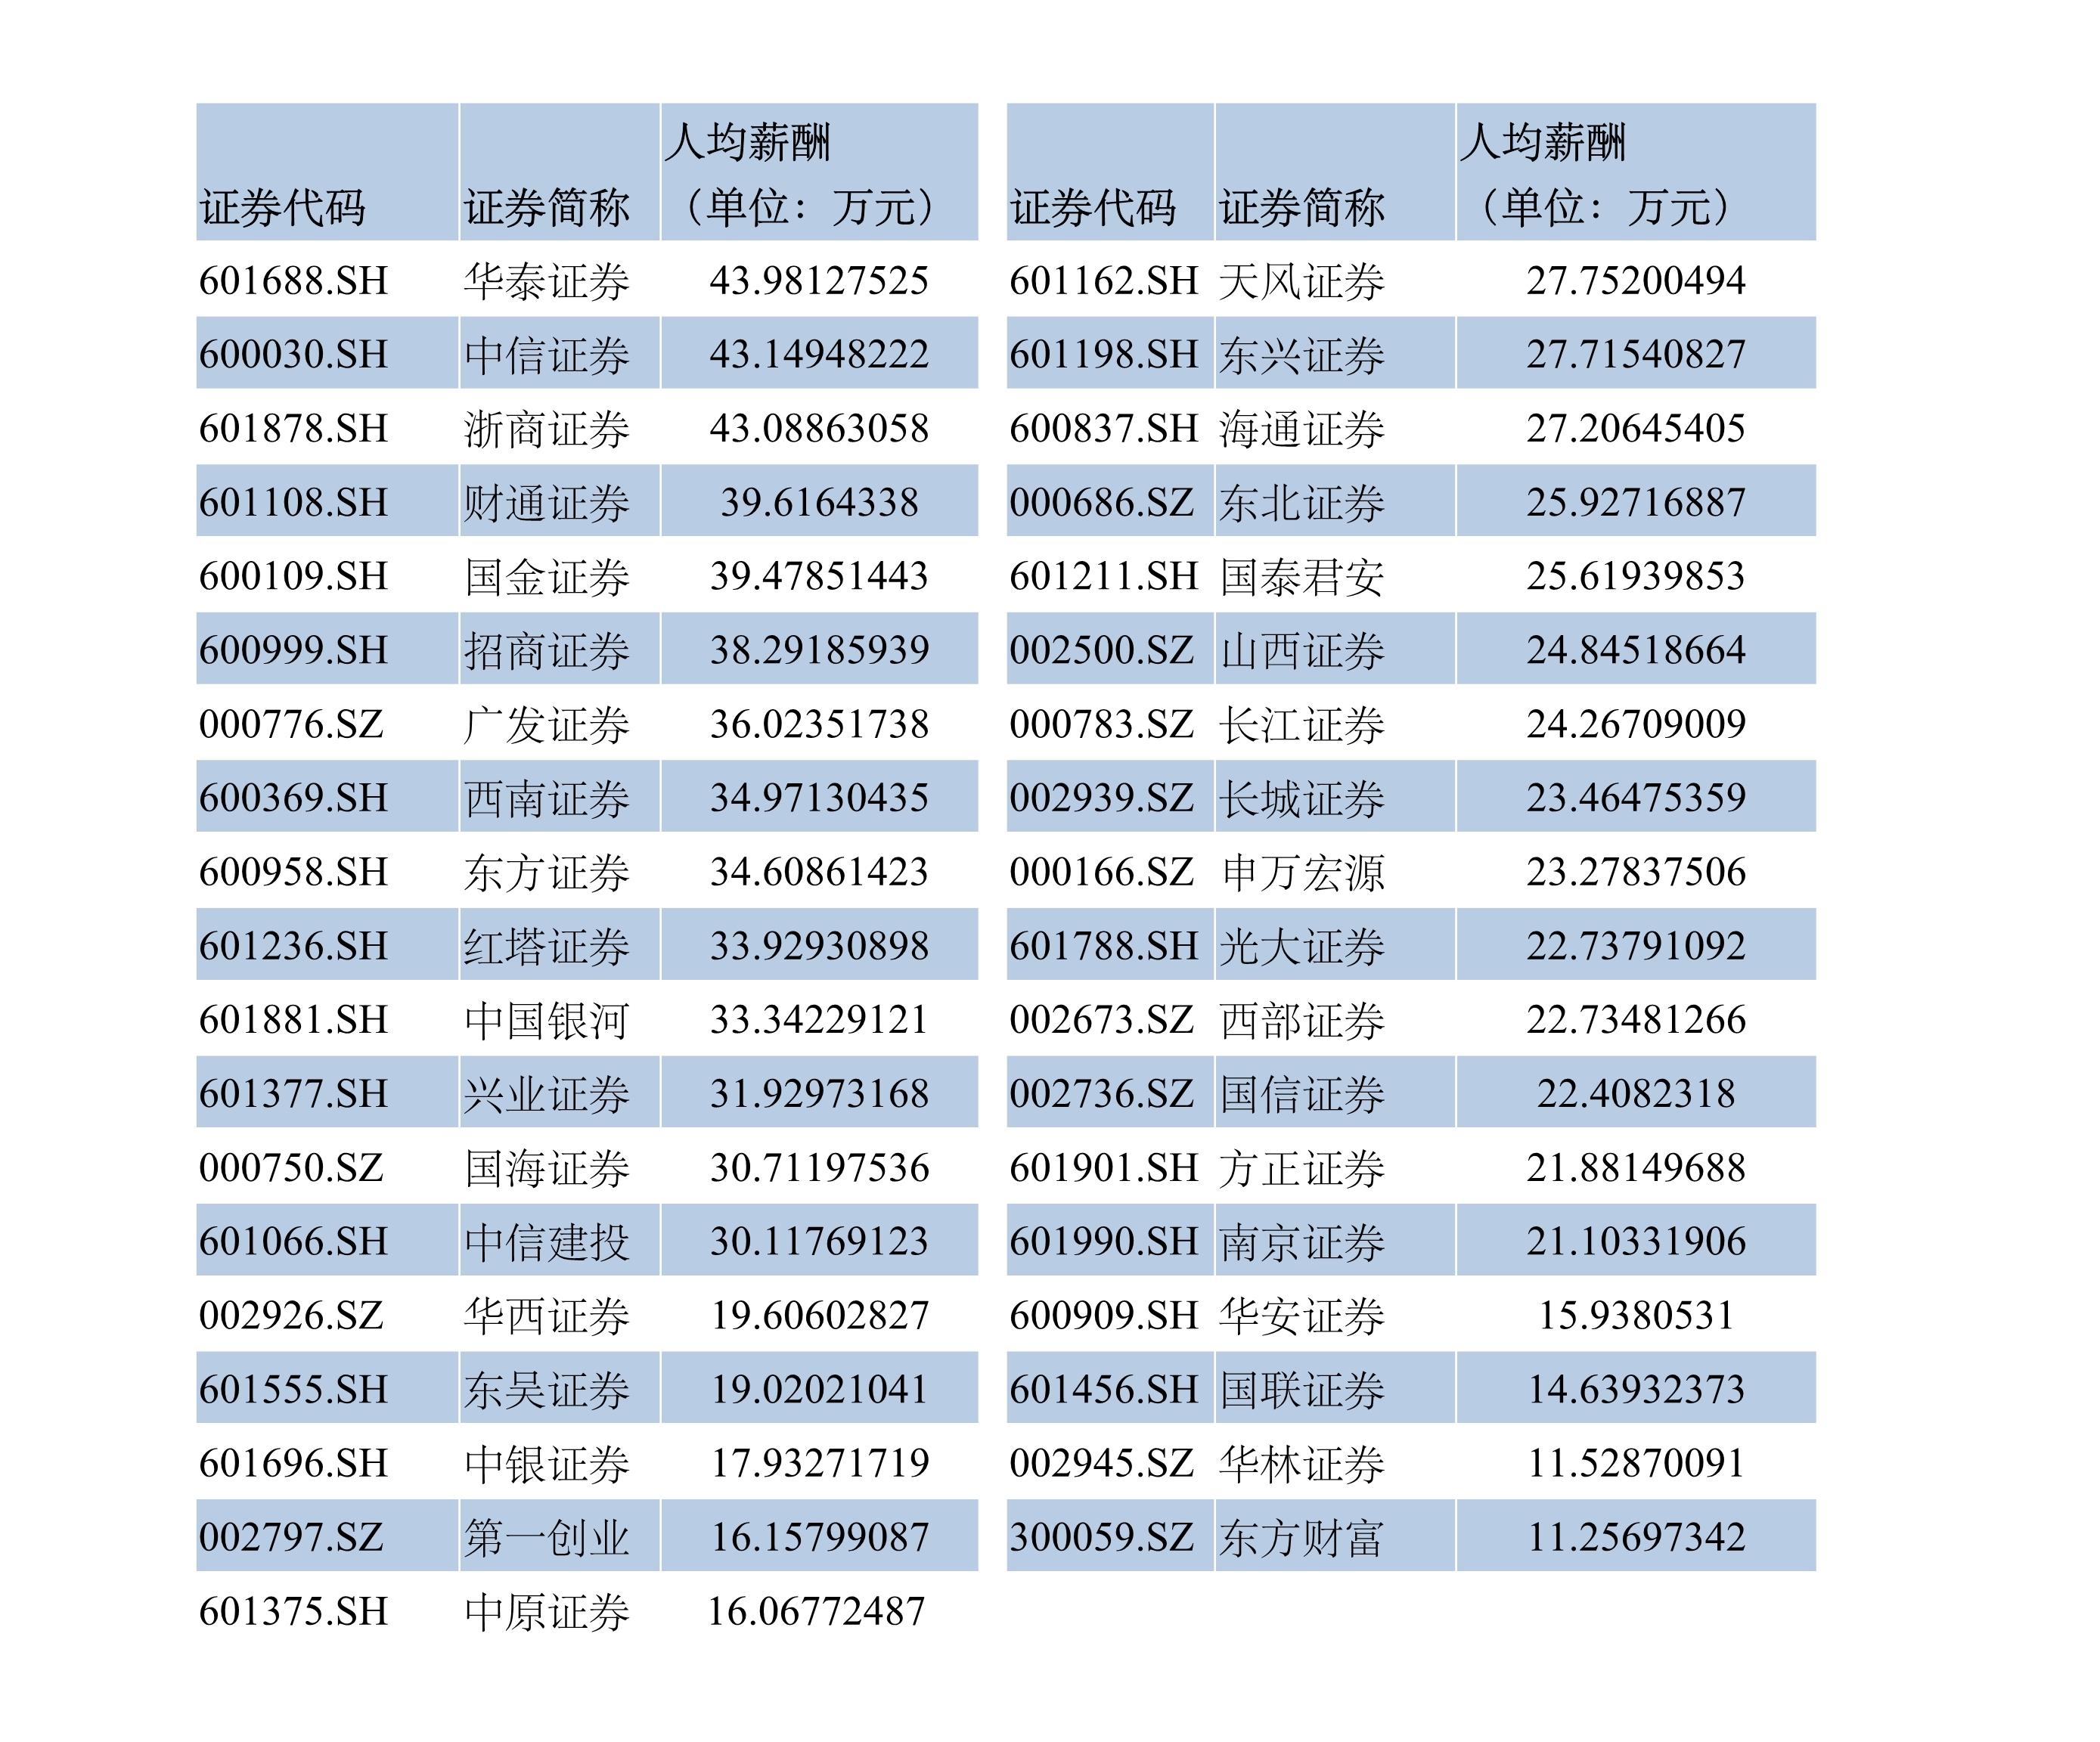 香港人均工资是多少钱_香港廉政公署工资